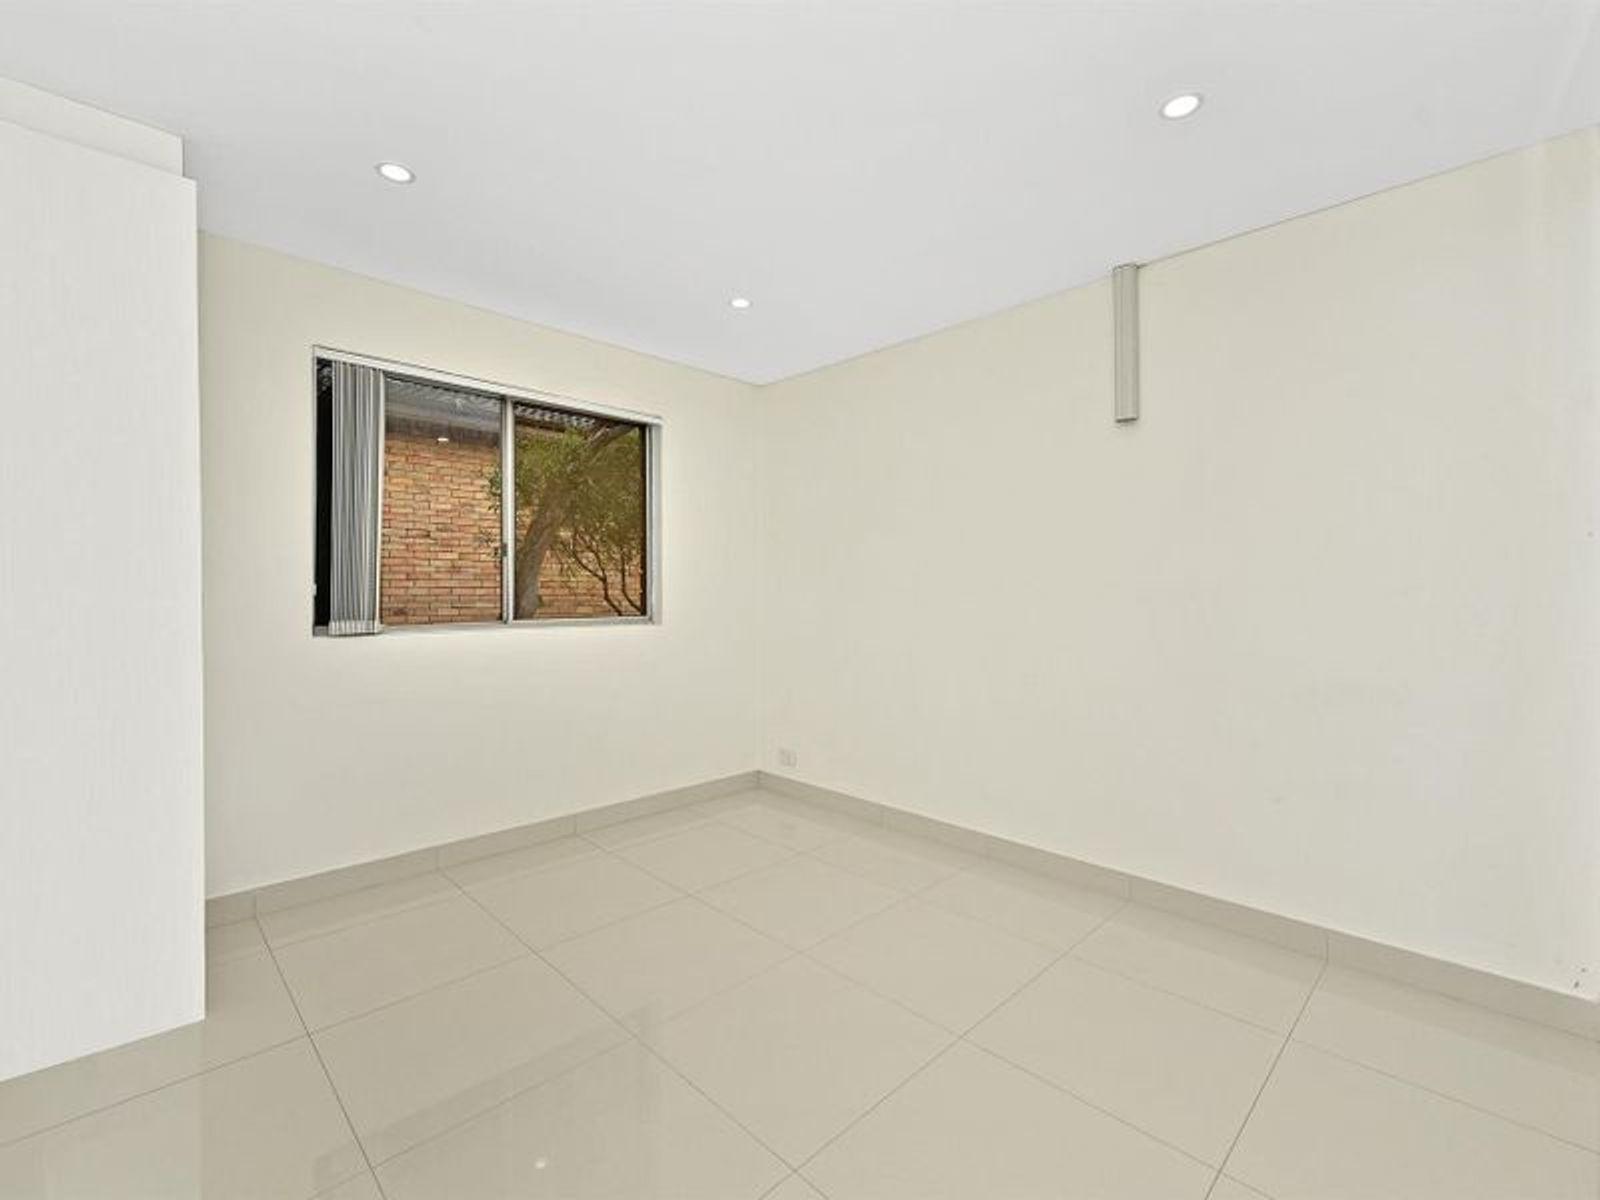 14/7-17 Edwin Street, Regents Park, NSW 2143